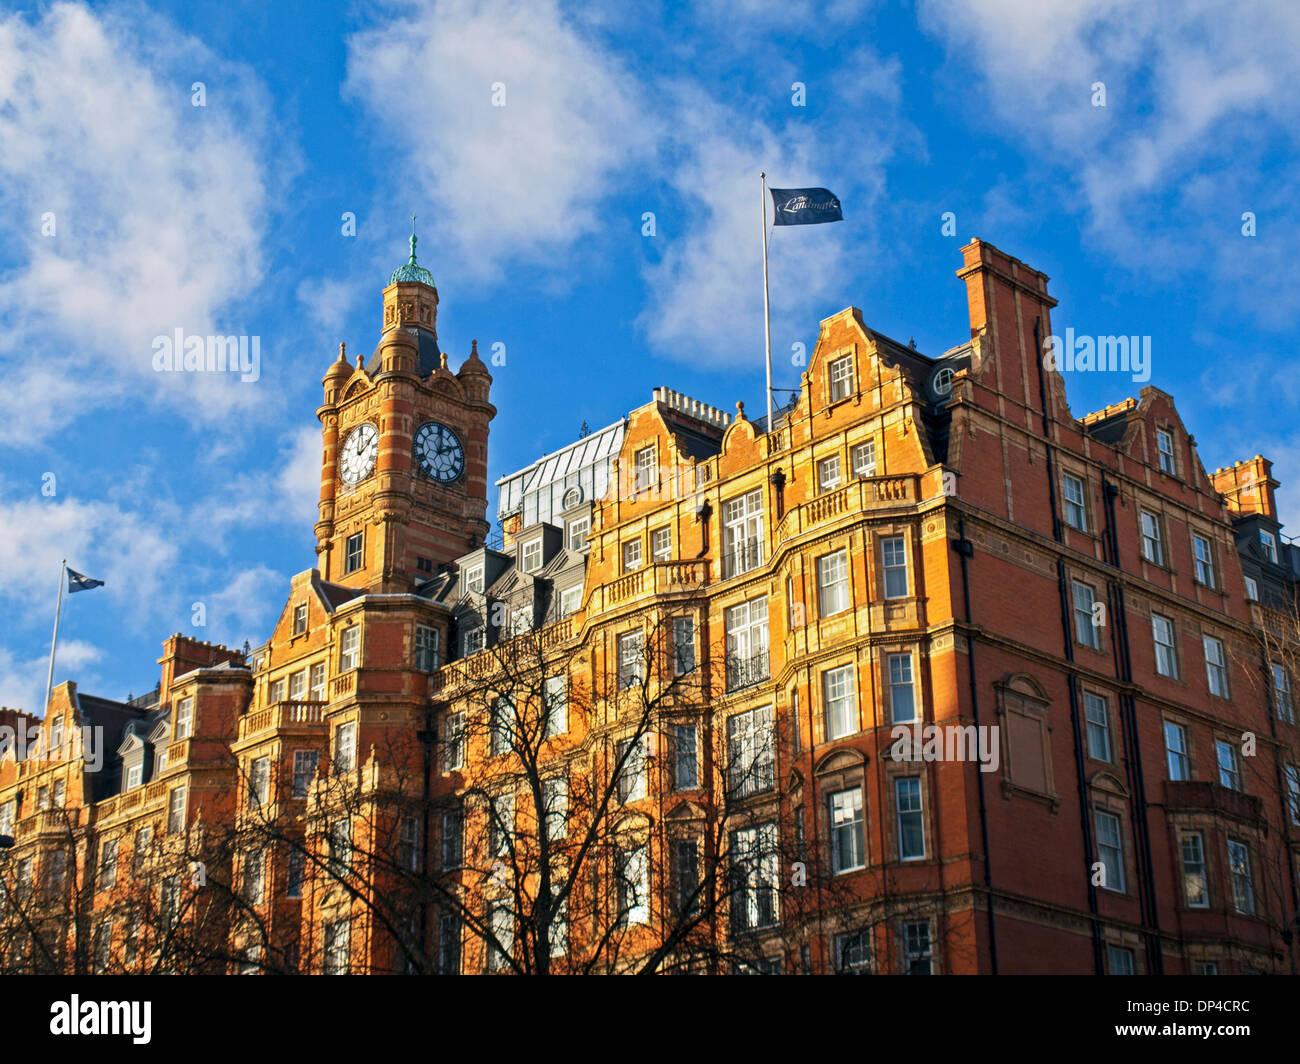 The Landmark Hotel, Marylebone, London, England, United Kingdom Stock Photo